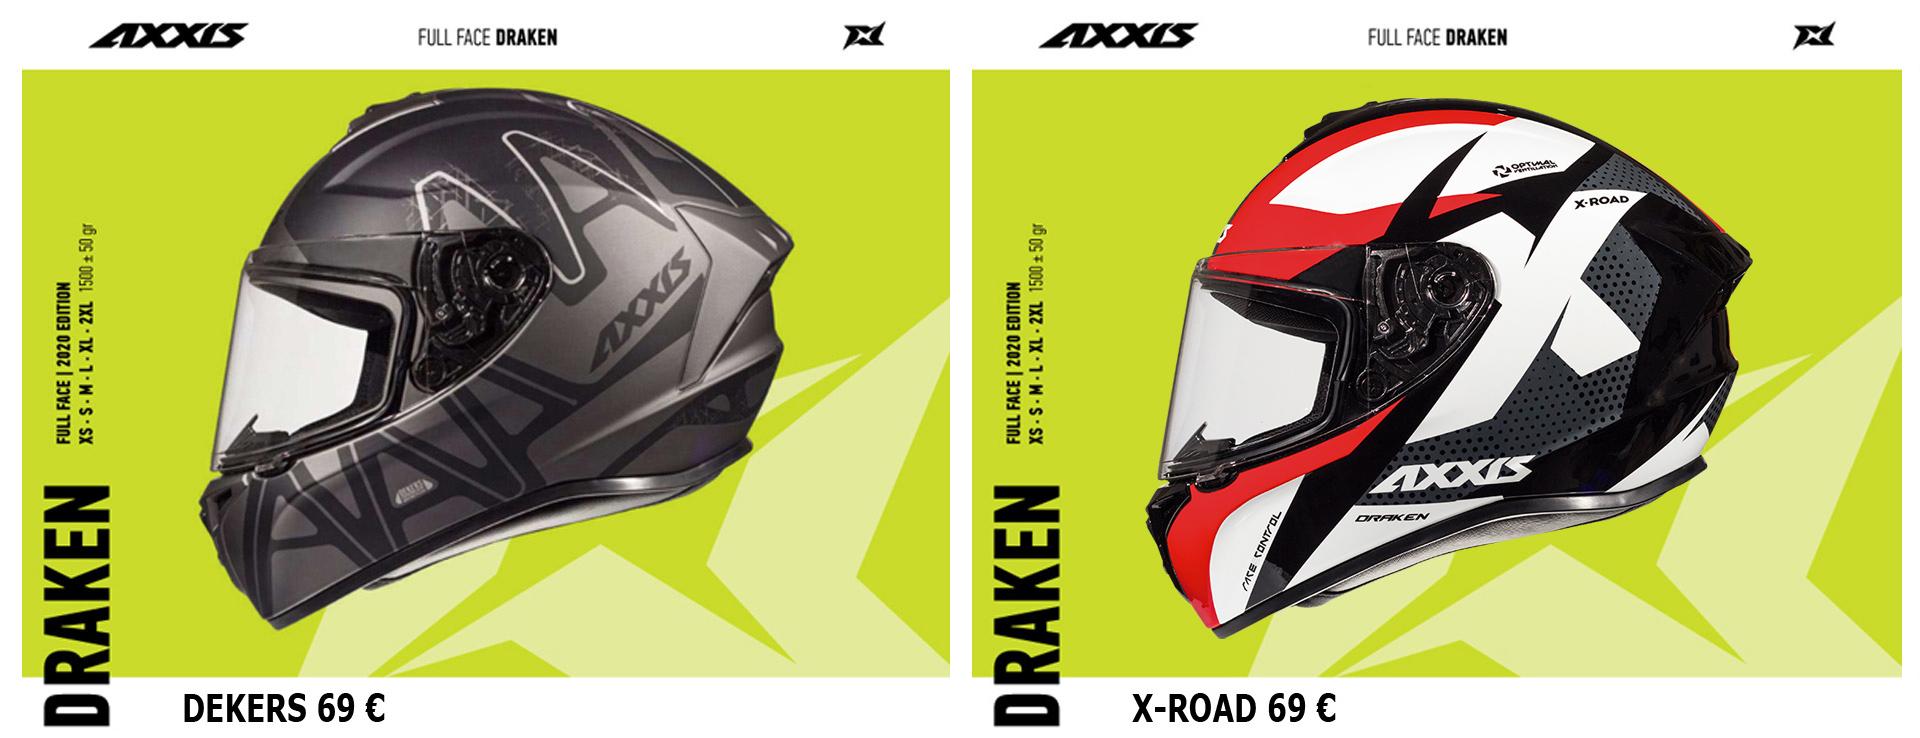 AXXIS HELMETS DRAKEN DEKERS & X-ROAD